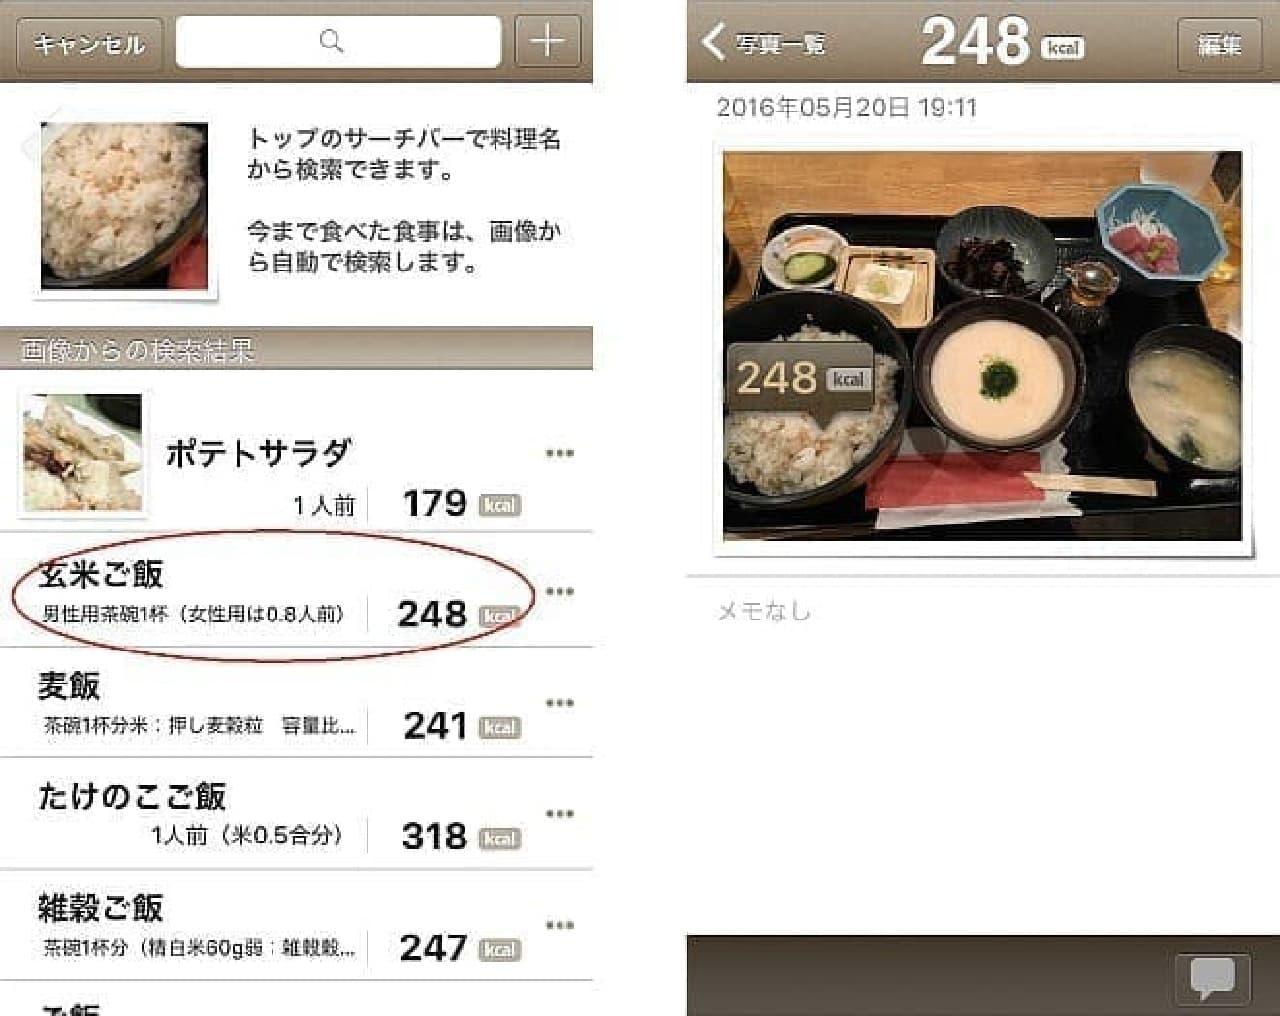 料理画像でカロリーを計算できるアプリ「FoodLog」